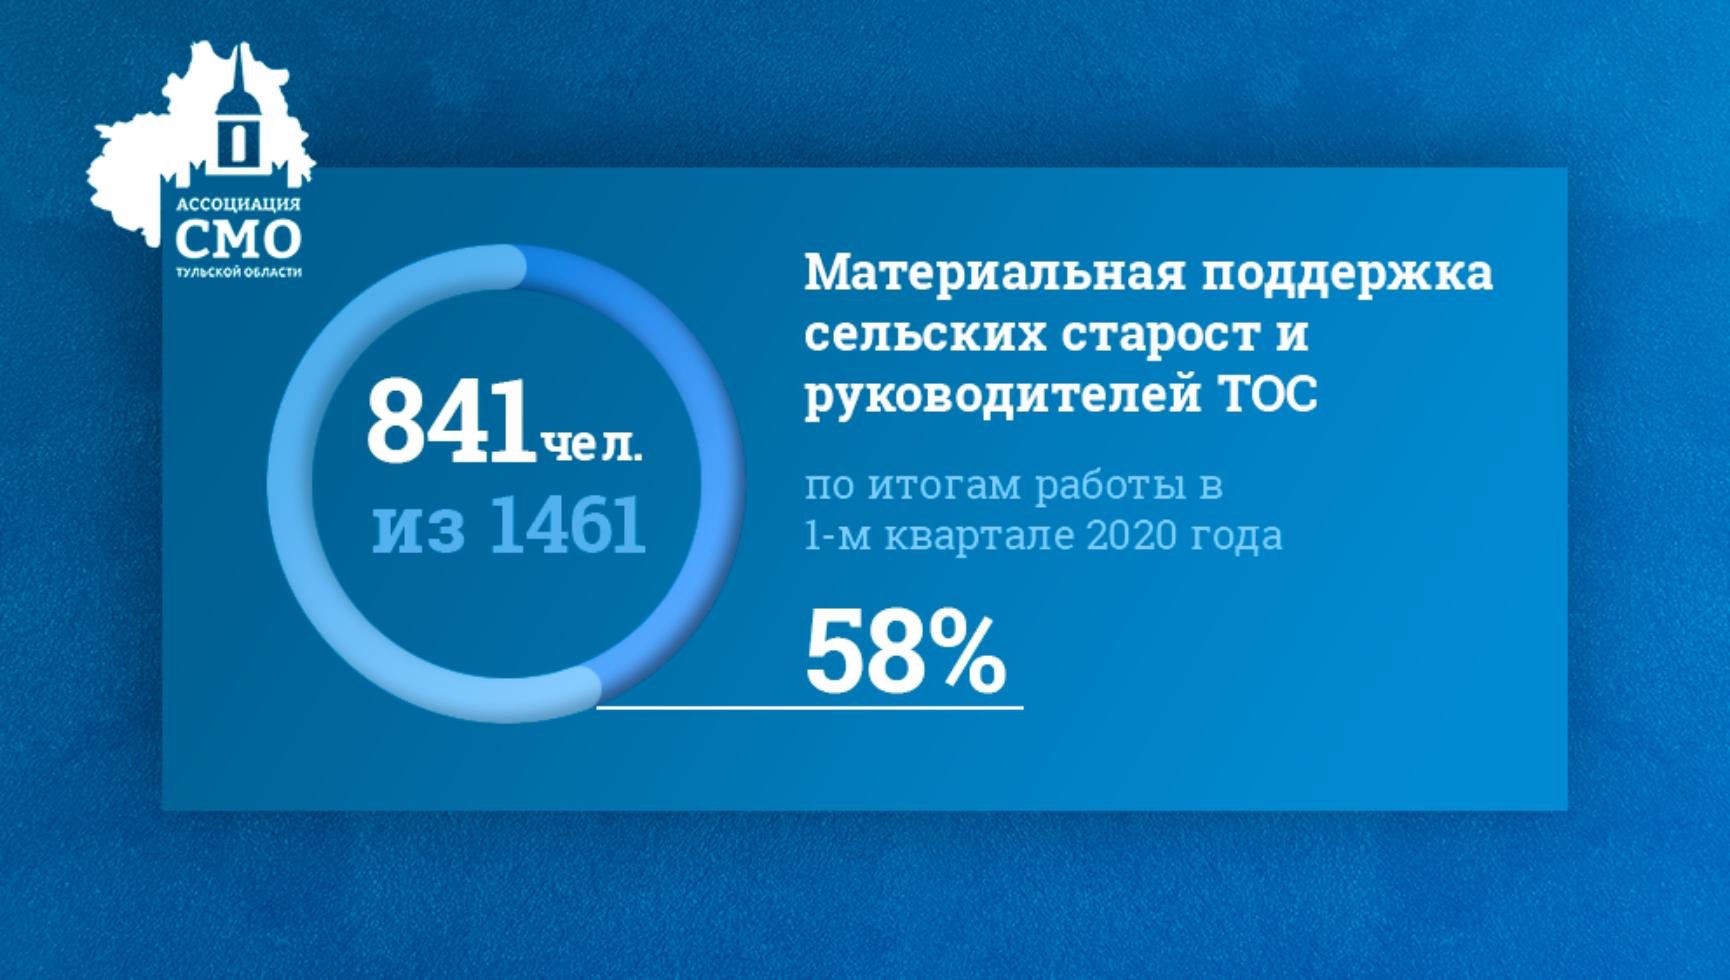 Материальная поддержка сельских старост и руководителей ТОС по итогам работы в 1-м квартале 2020 года